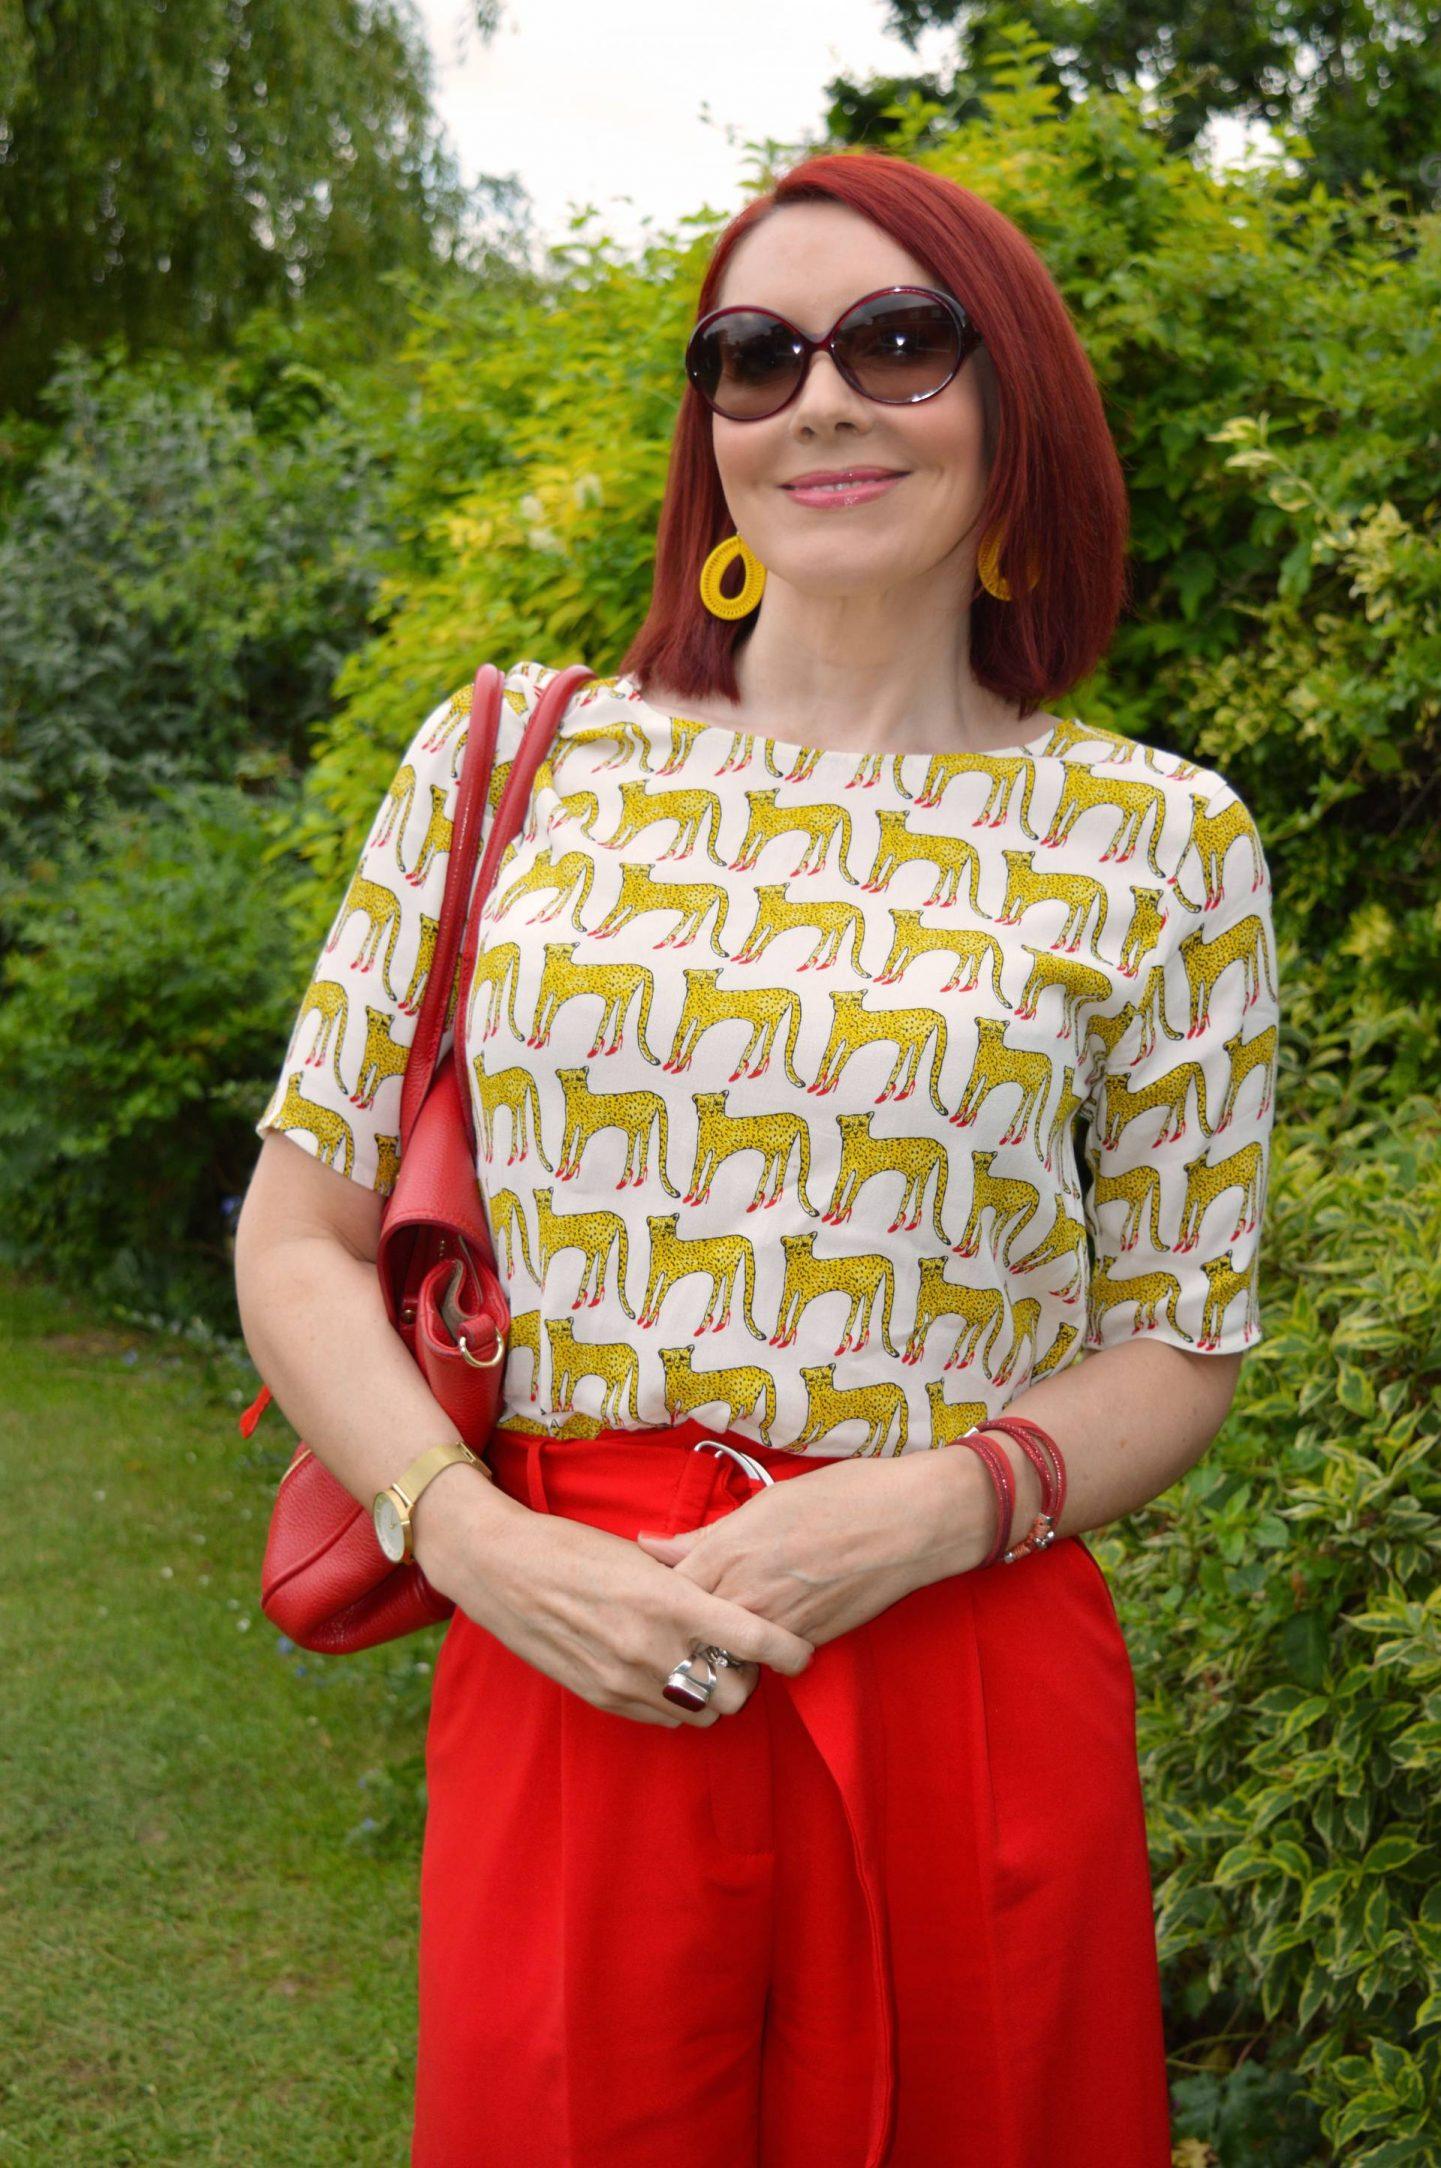 Cheetahs in High Heels Fabienne Chapot cheetah print top, Asos red culottes